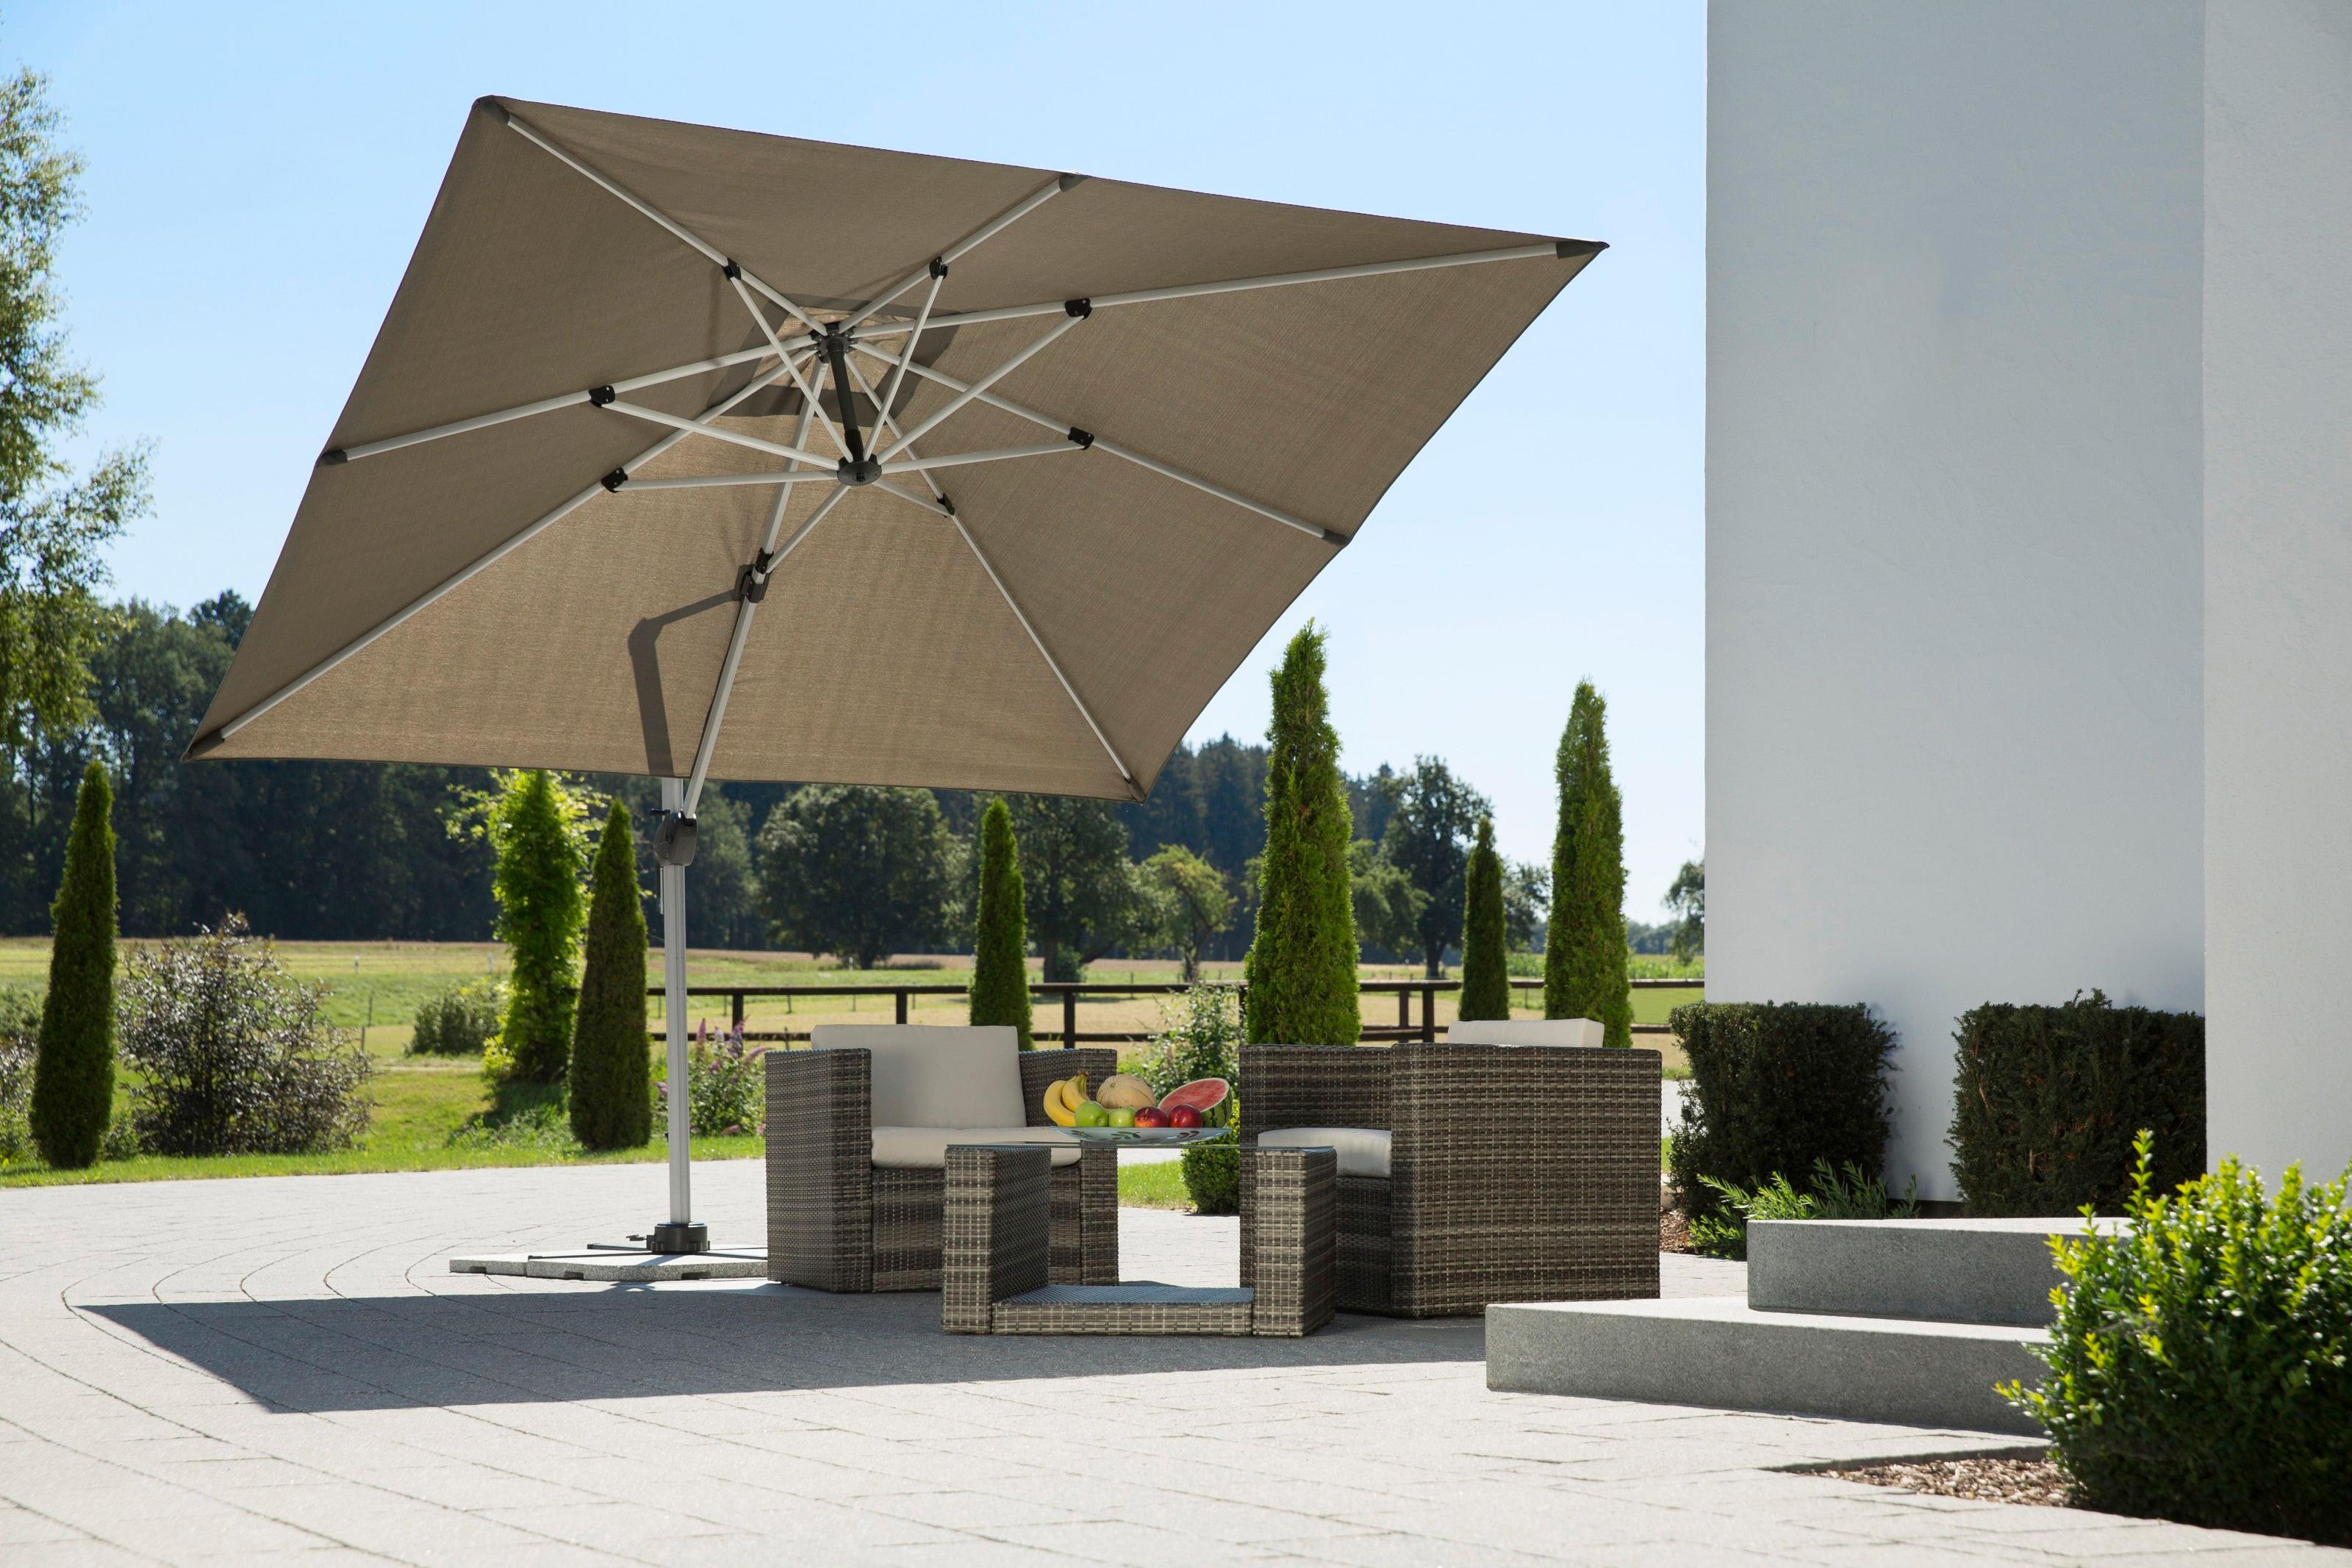 Schneider Schirme Ampelschirm Monaco, mit Schutzhülle und Schirmständer, ohne Wegeplatten grau Sonnenschirme -segel Gartenmöbel Gartendeko